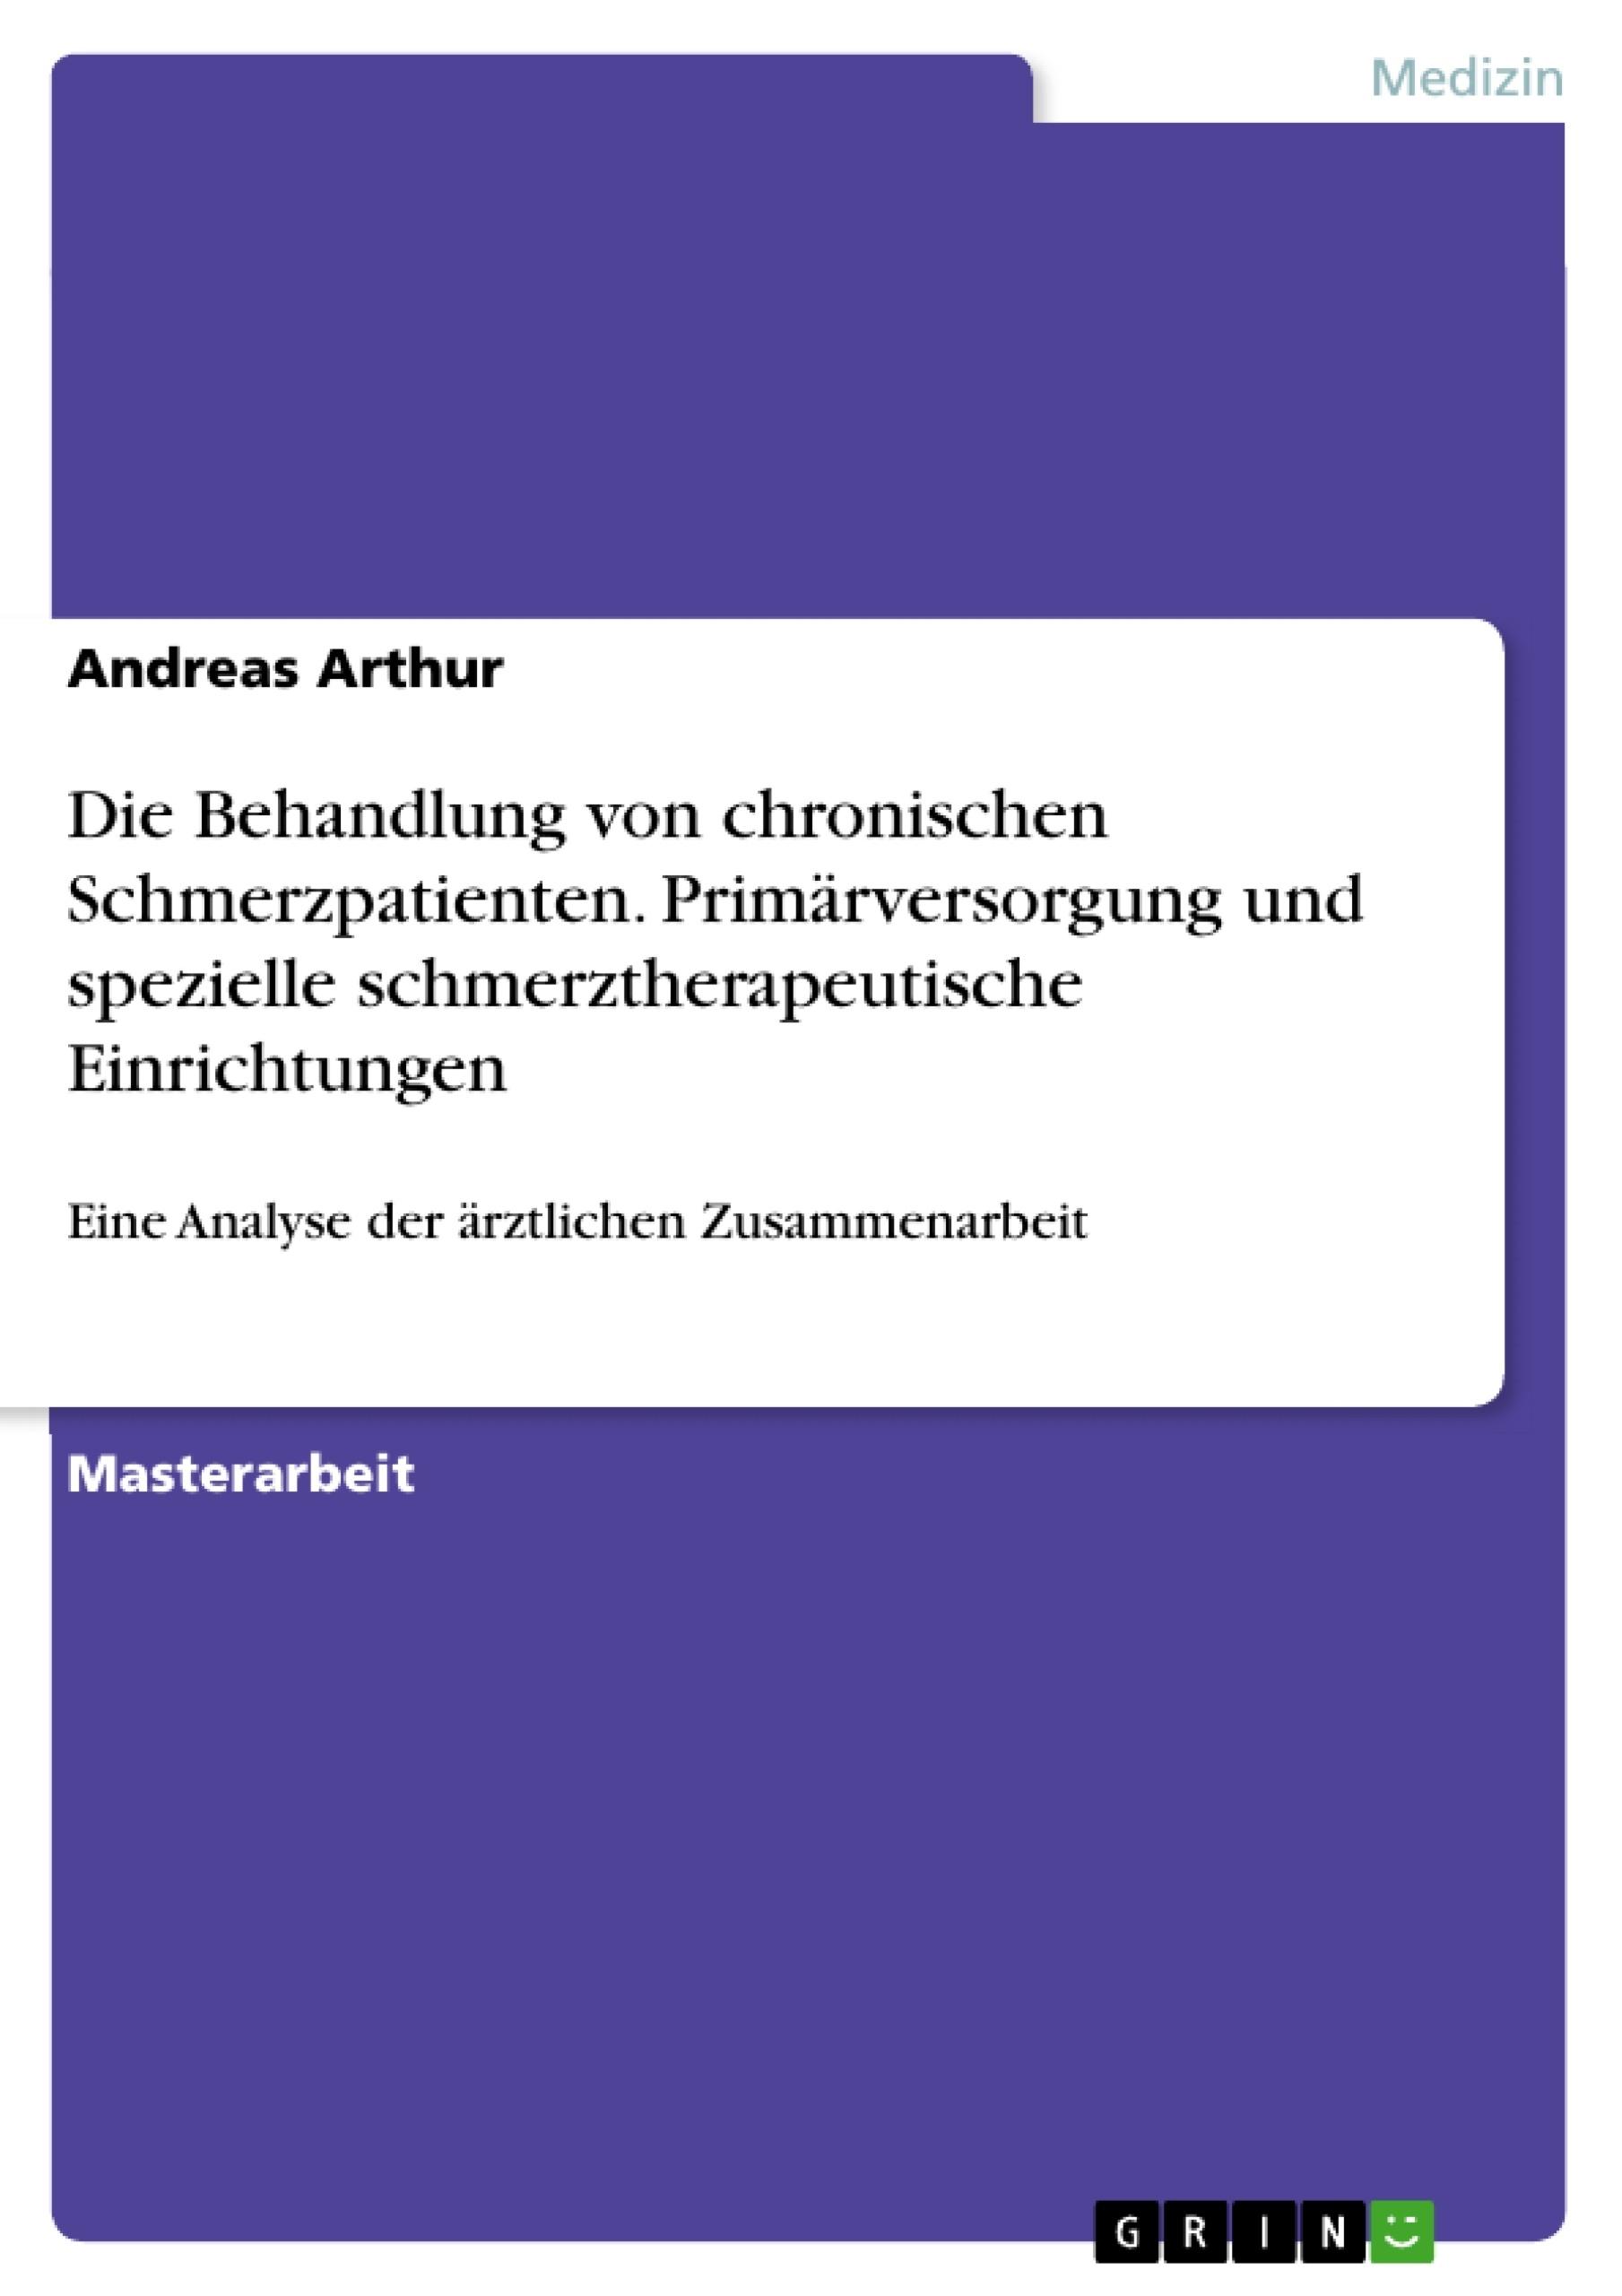 Titel: Die Behandlung von chronischen Schmerzpatienten. Primärversorgung und spezielle schmerztherapeutische Einrichtungen